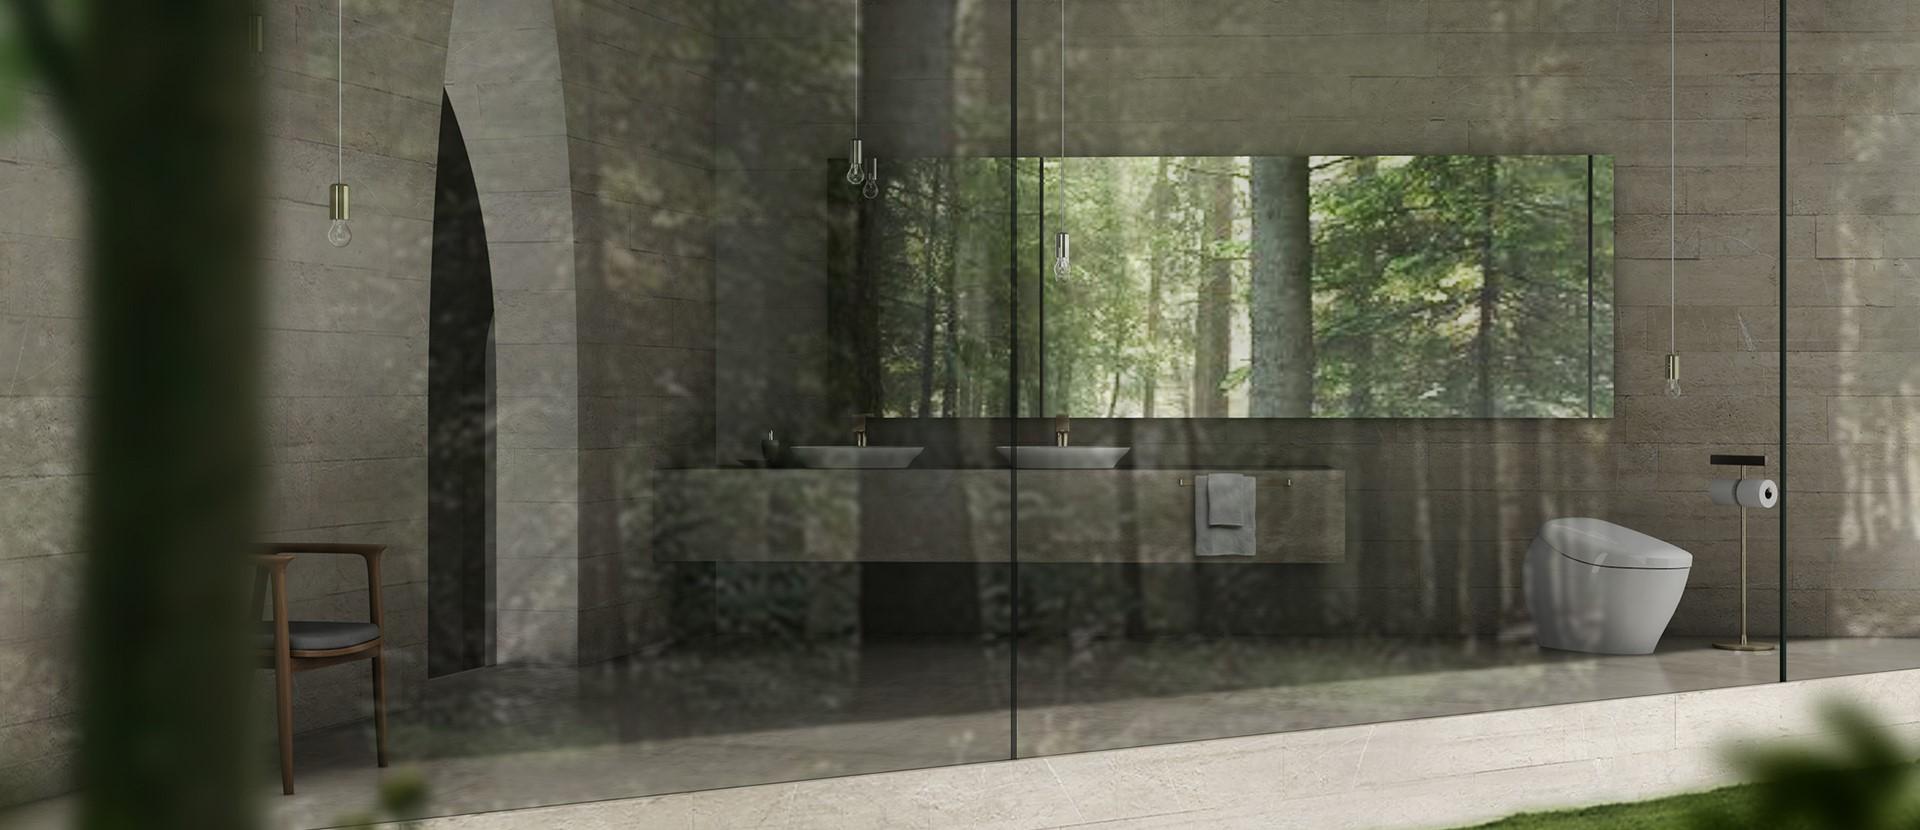 แบบห้องน้ำสไตล์โมเดิร์น : เรียบง่ายและสงบแบบเซน 1